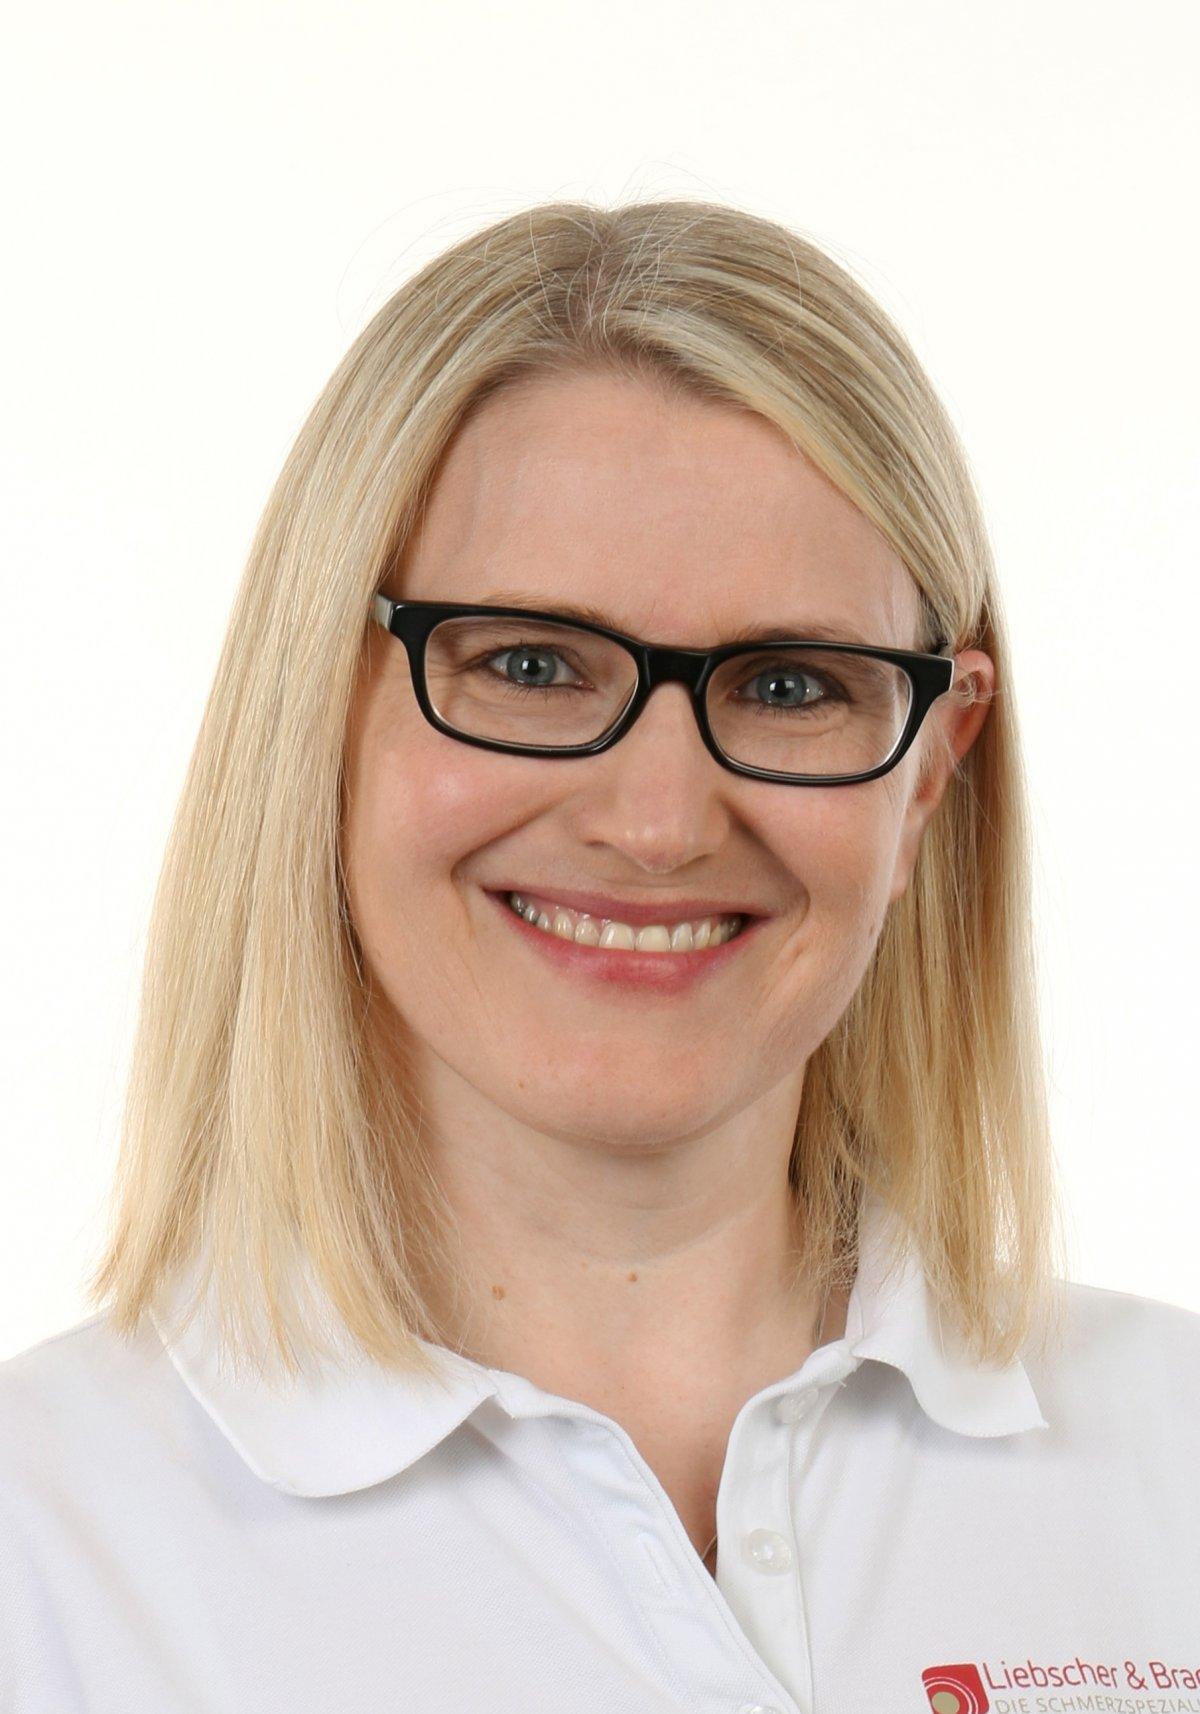 Das Foto zeigt die Physiotherapeutin Sonja Horstmann aus 33332 Gütersloh. Sie hat mittellange blonde Haare und trägt eine schwarze eckige Brille. Dazu trägt sie ein weißes Liebscher & Bracht Polo T-Shirt.